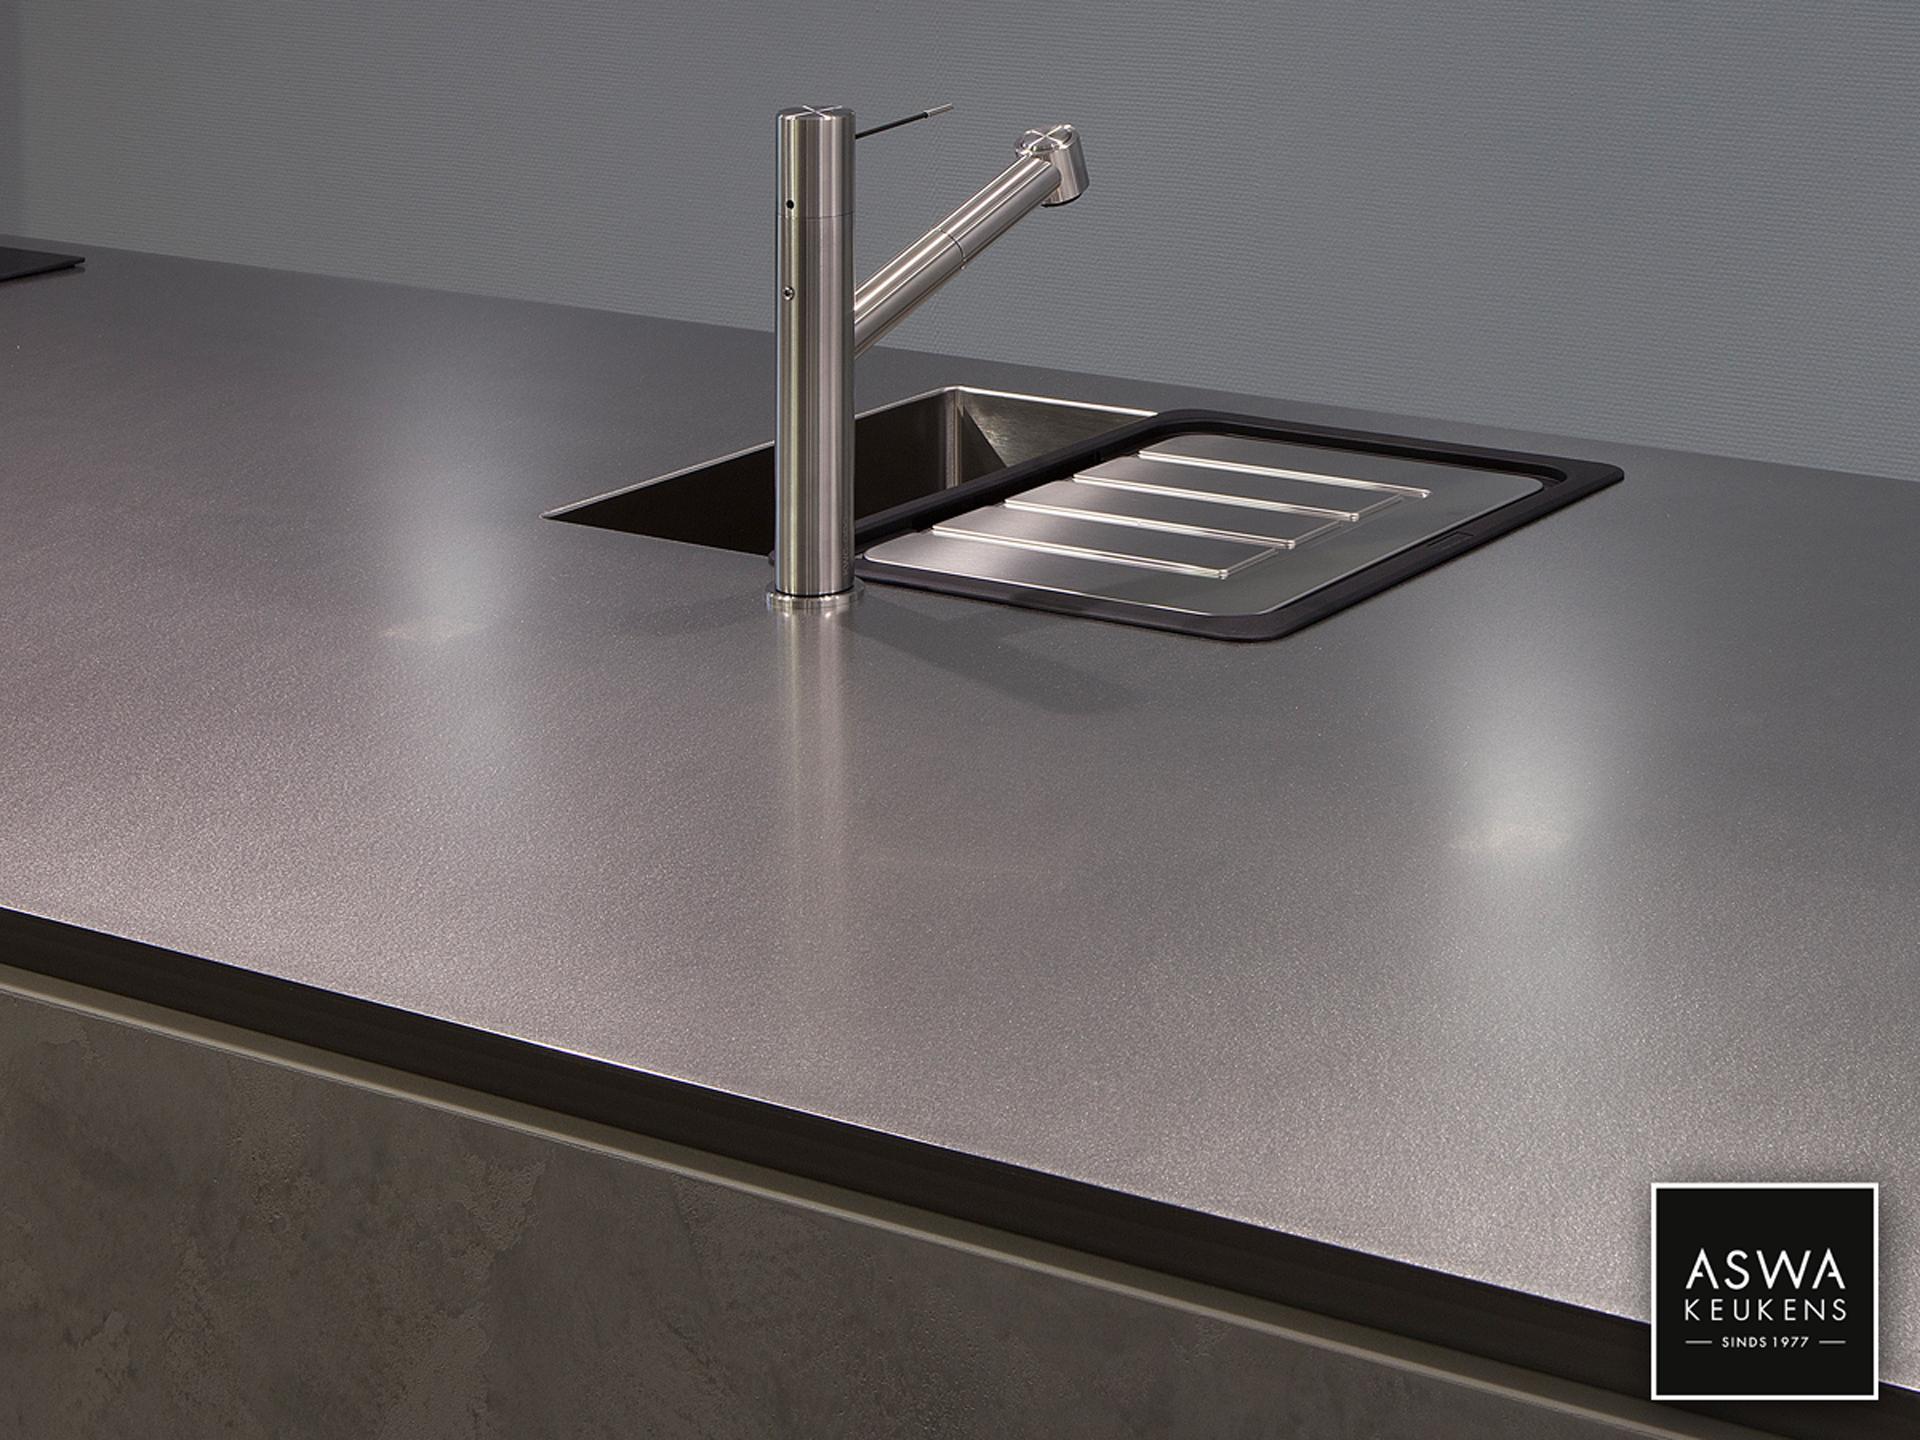 Kunststof Achterwand Keuken Schoonmaken : Welk type werkblad past bij mij? – ASWA Keukens